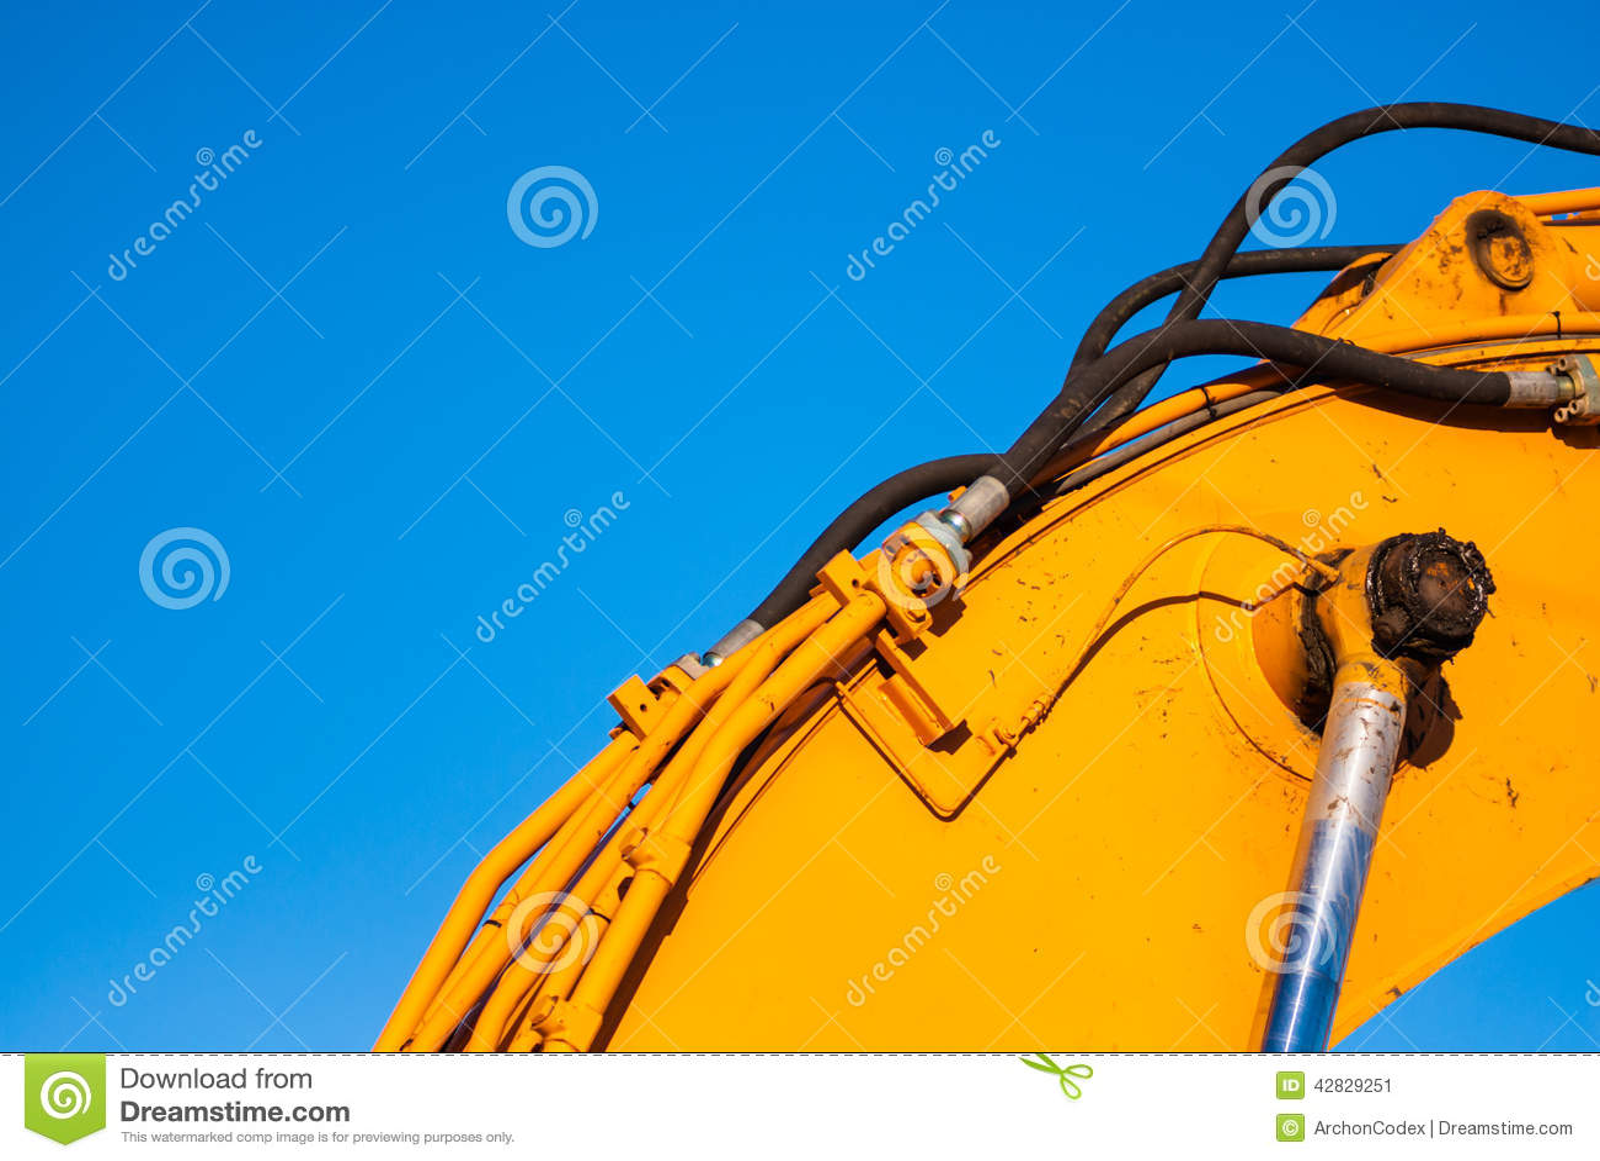 Gele machines en hydraulica op blauwe hemel